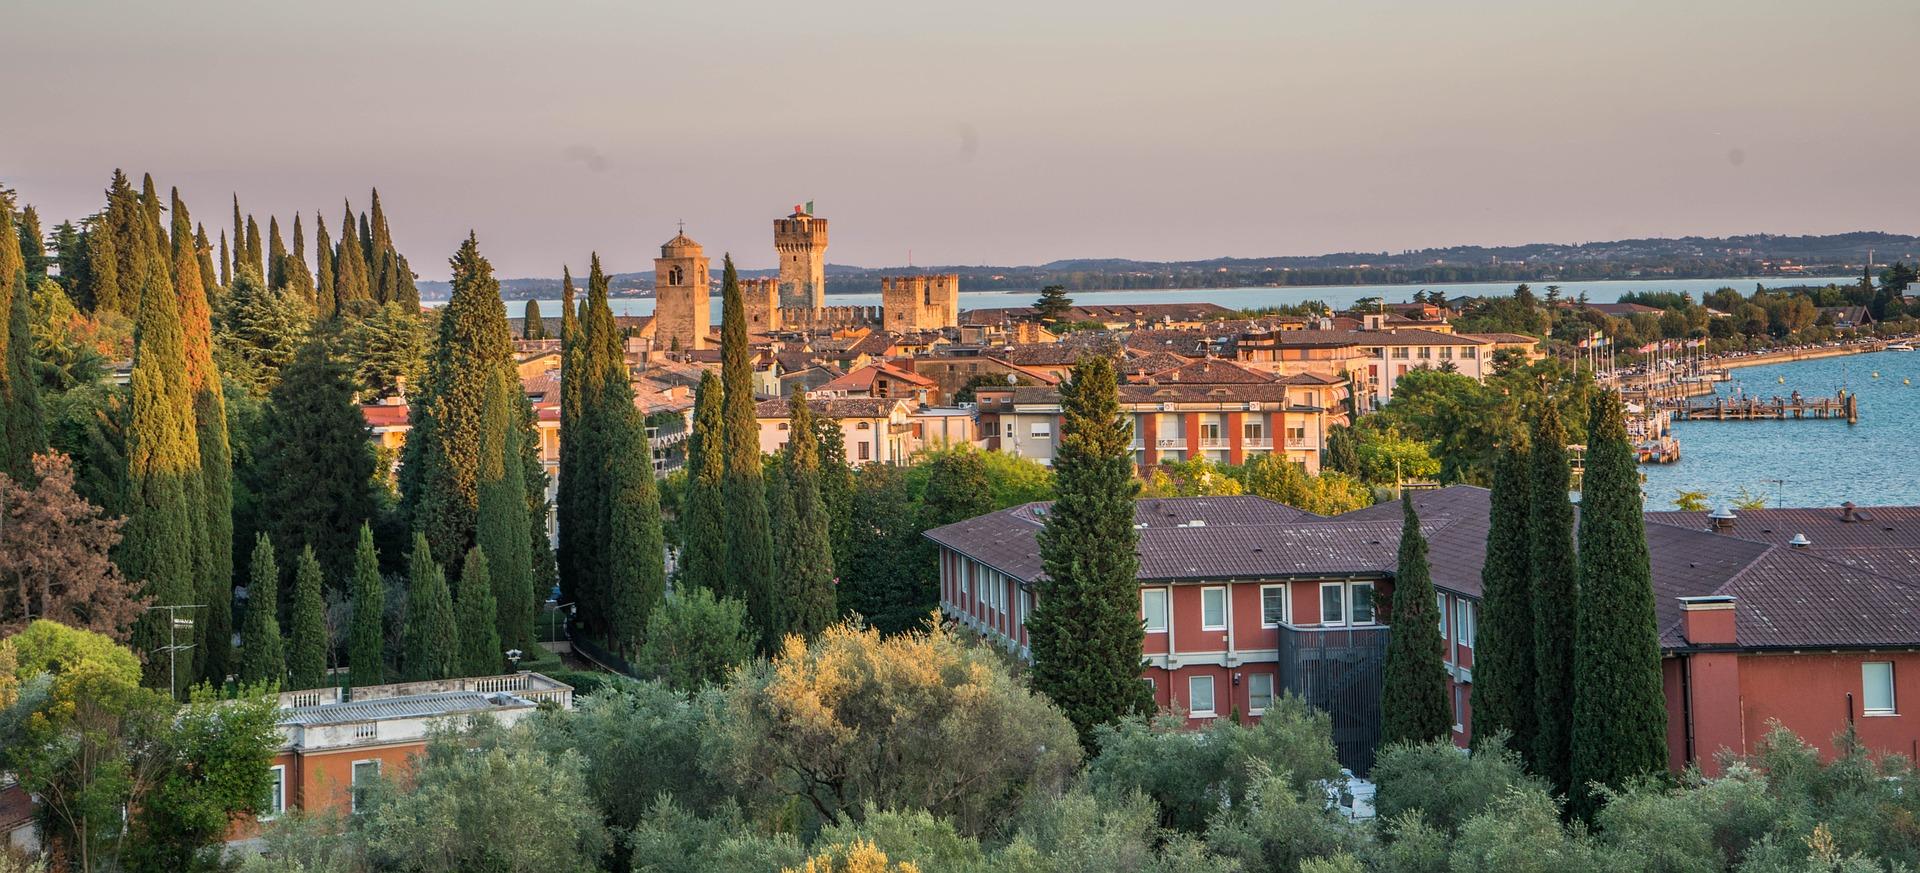 Lombardy - Sirmione 2